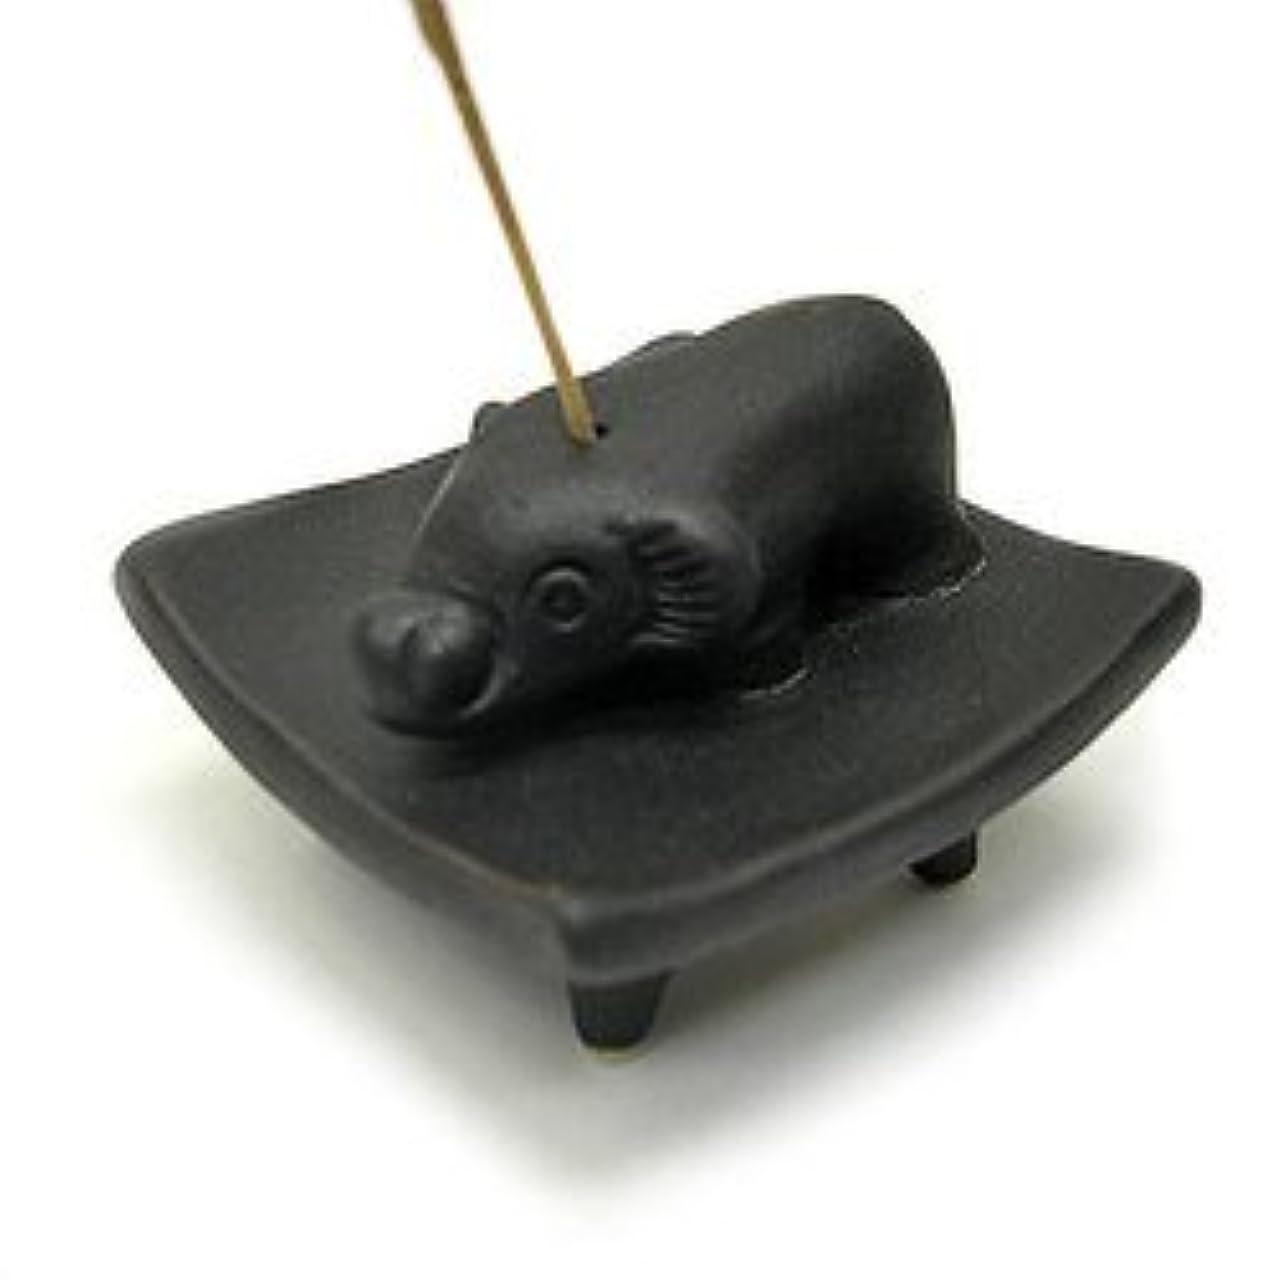 安心させるフィヨルド不明瞭お皿に乗った象さん お香立て<黒> インセンスホルダー/スティックタイプ用お香立て・お香たて アジアン雑貨